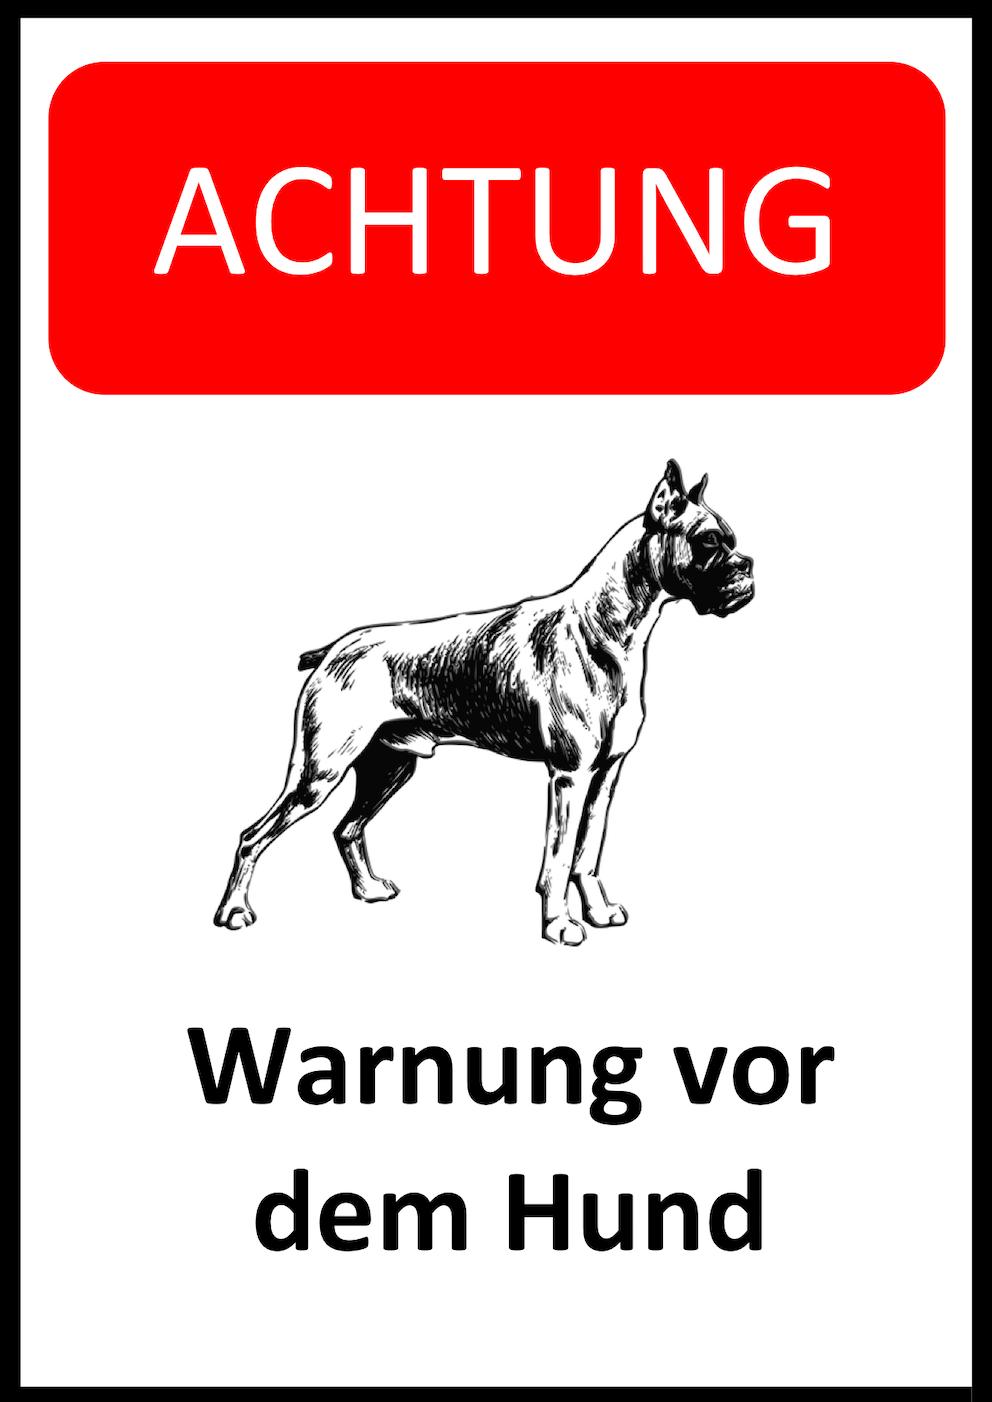 Hunde Warnschild Version 4